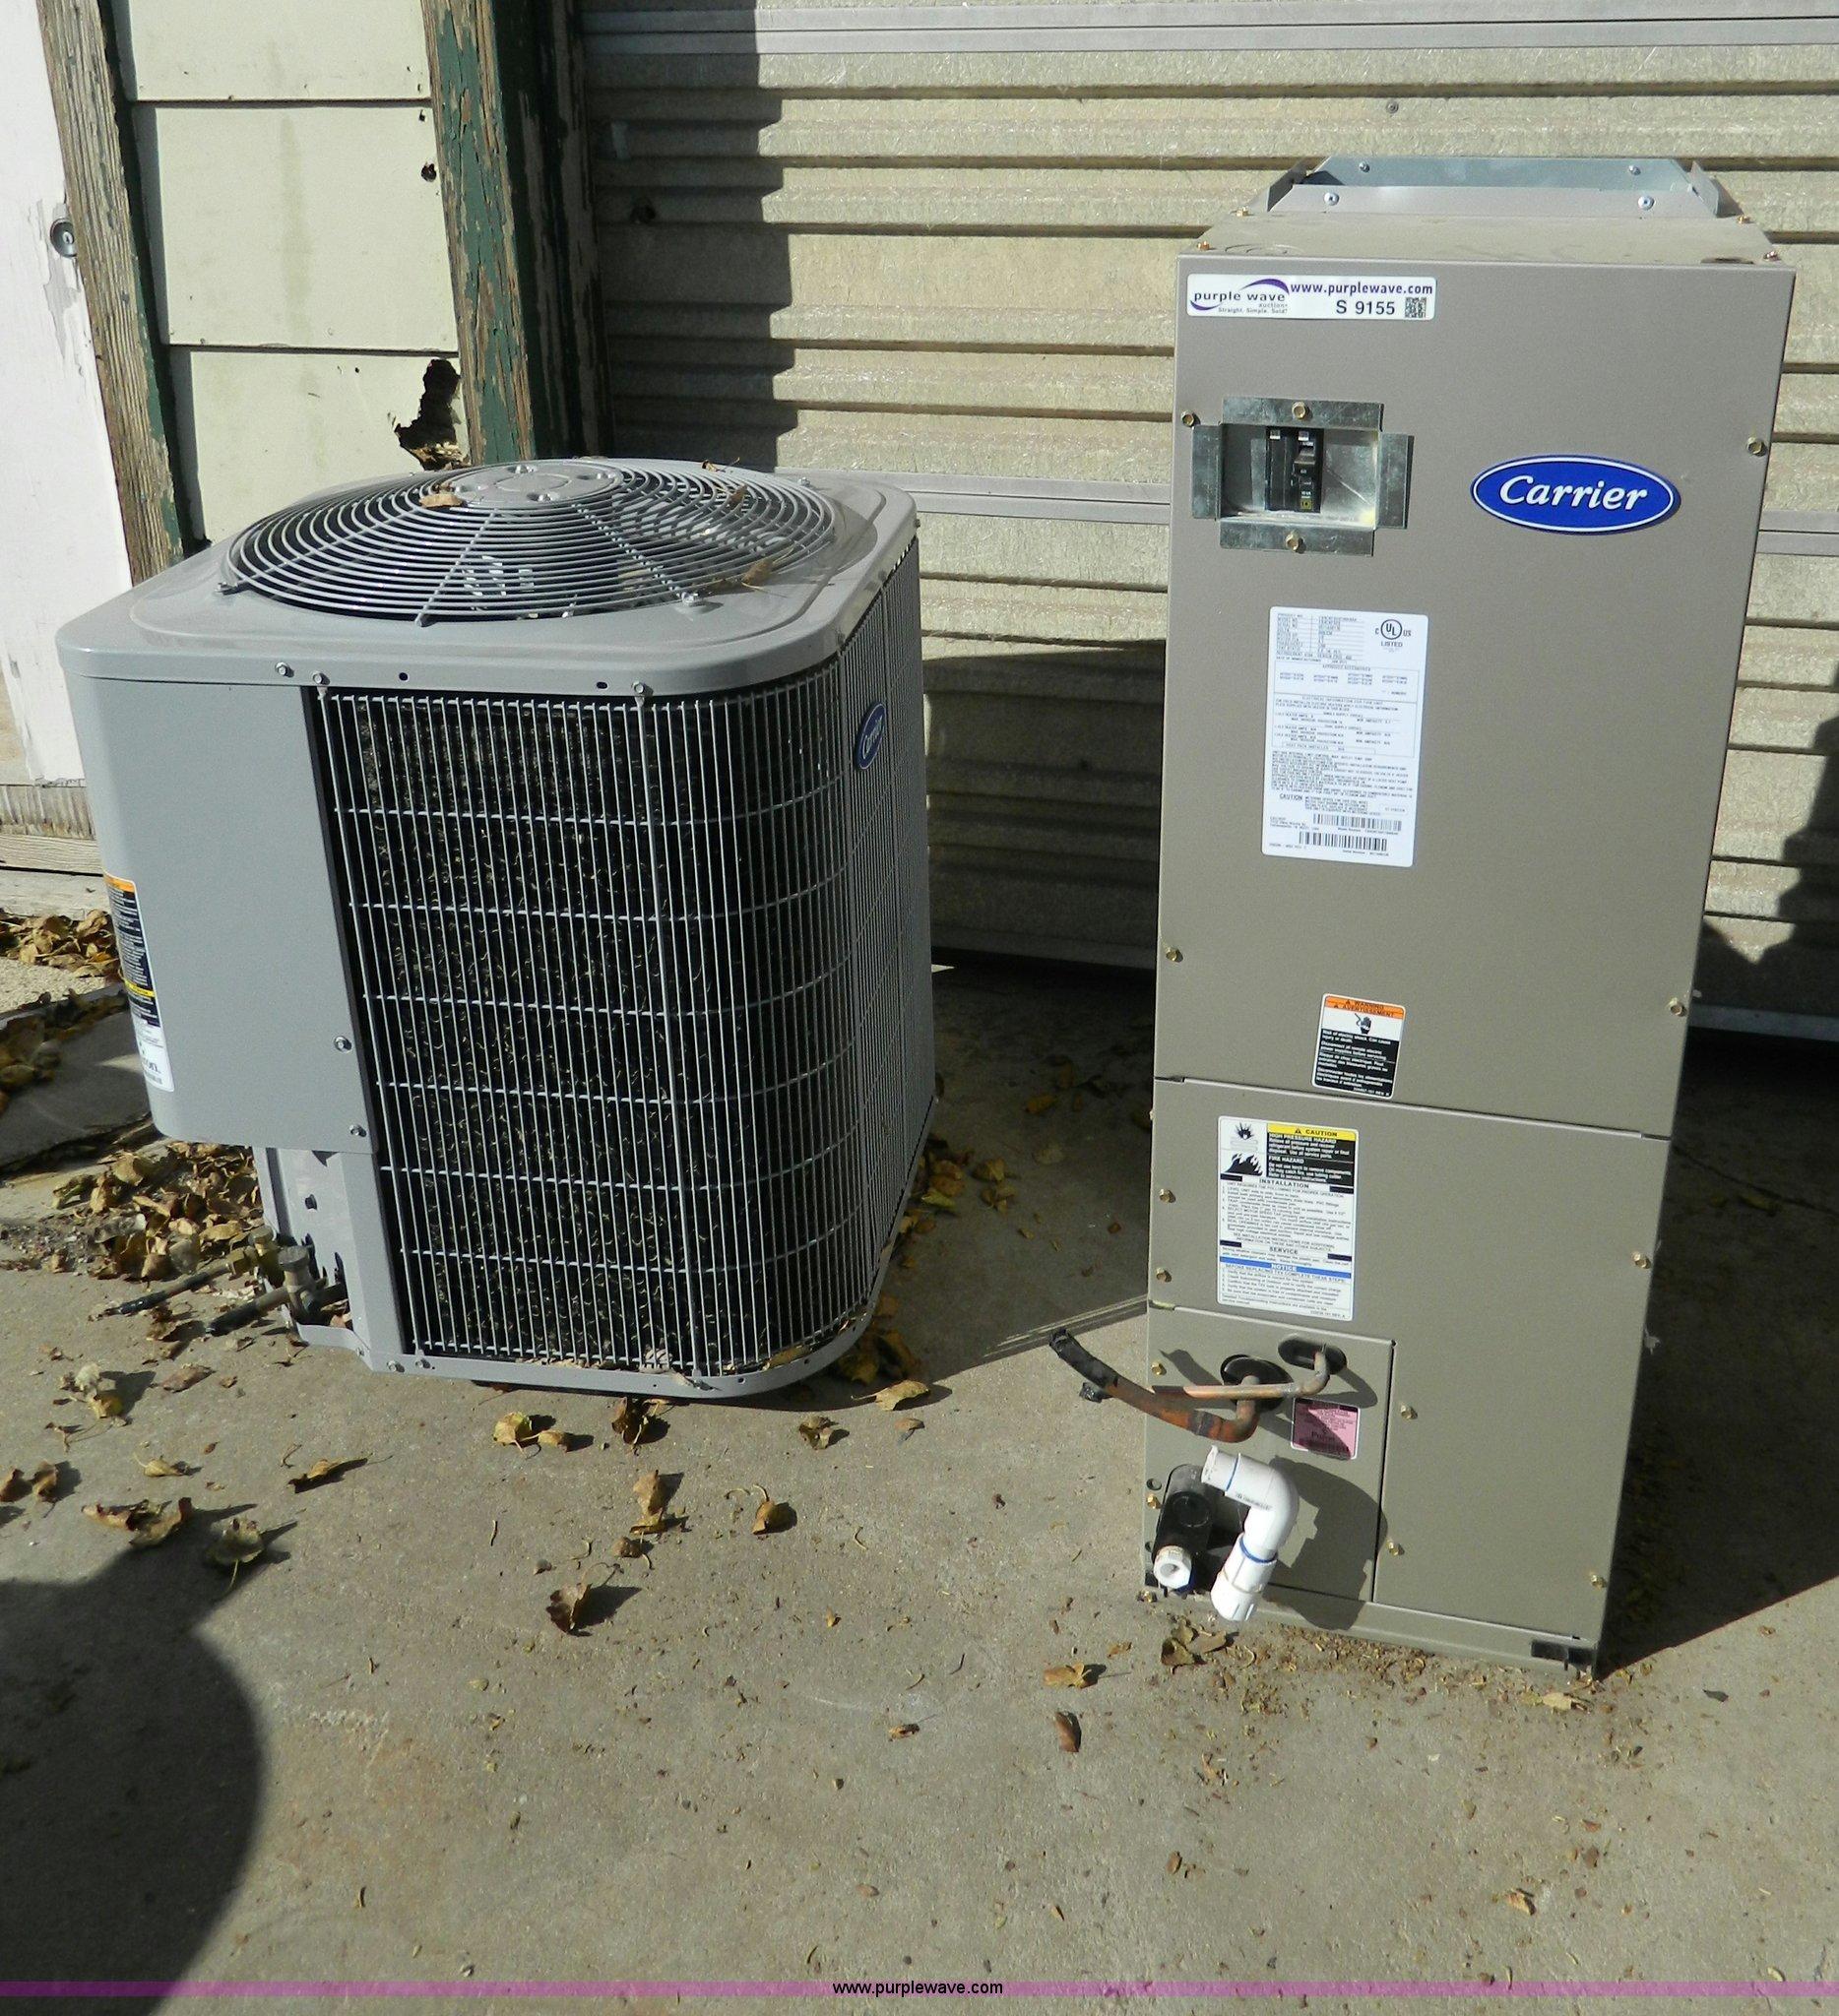 Carrier heat pump unit and carrier ac unit item s9155 for Window unit heat pump